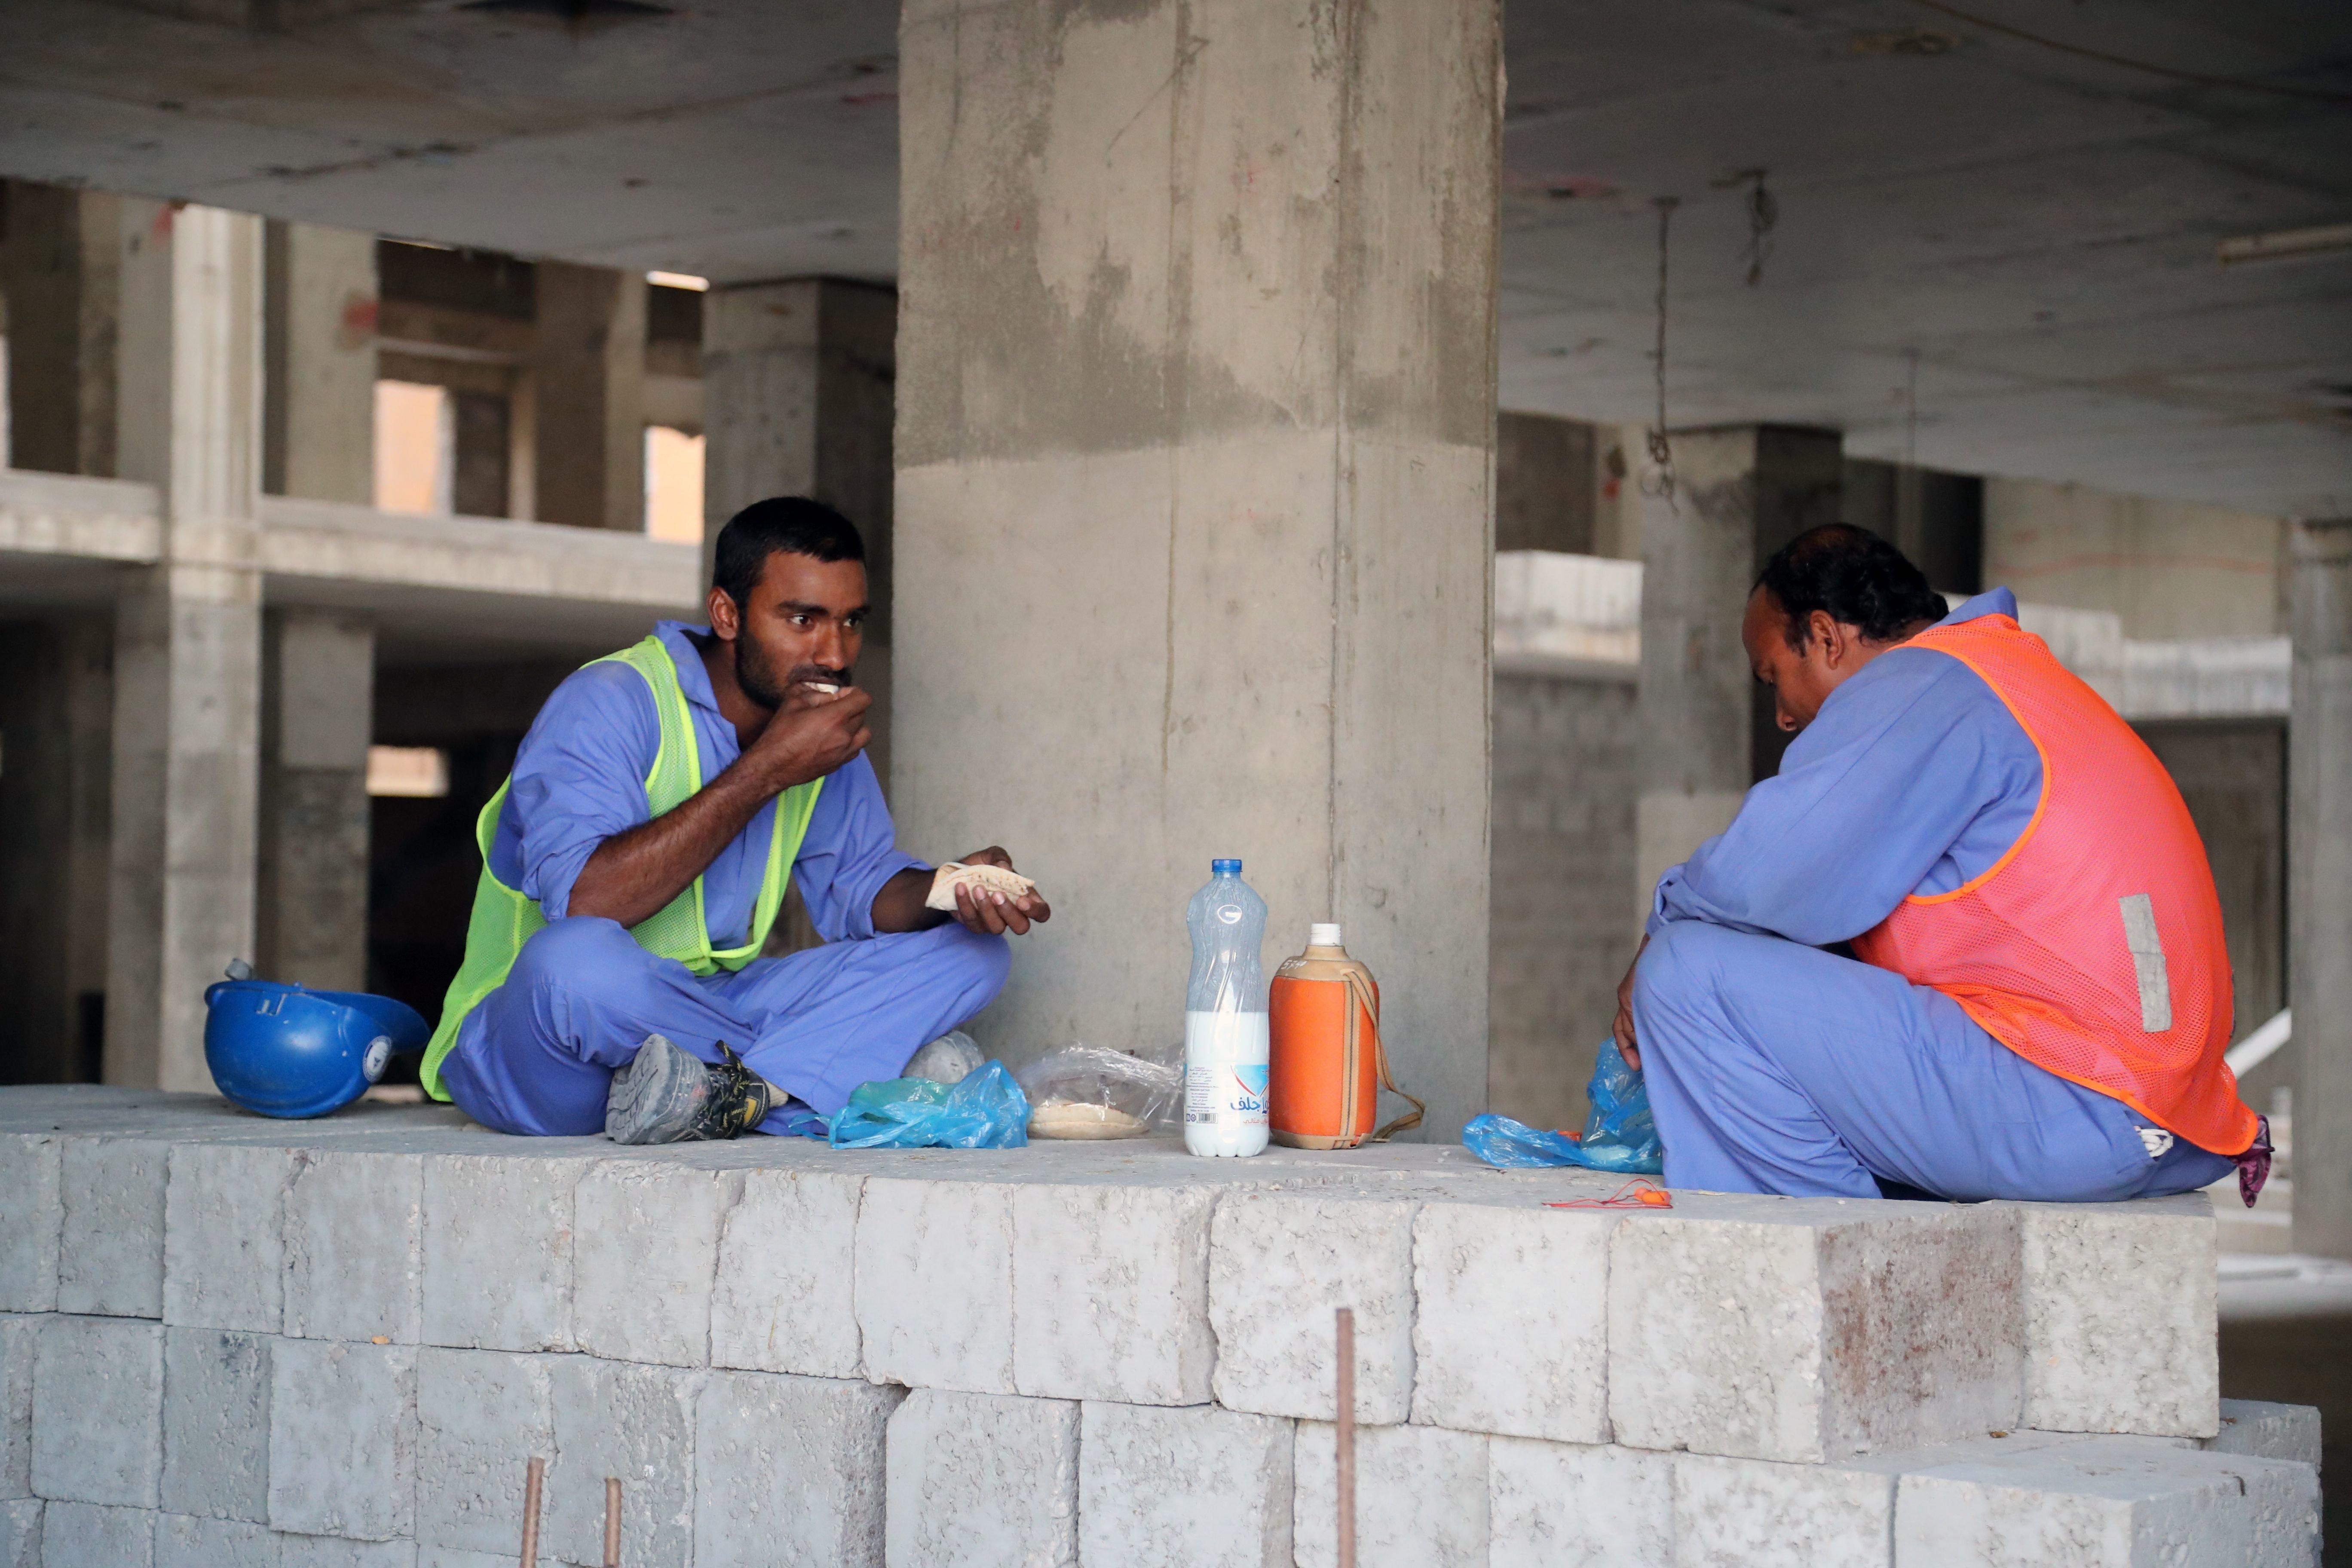 Au Qatar, la vie de misère de migrants, malgré les